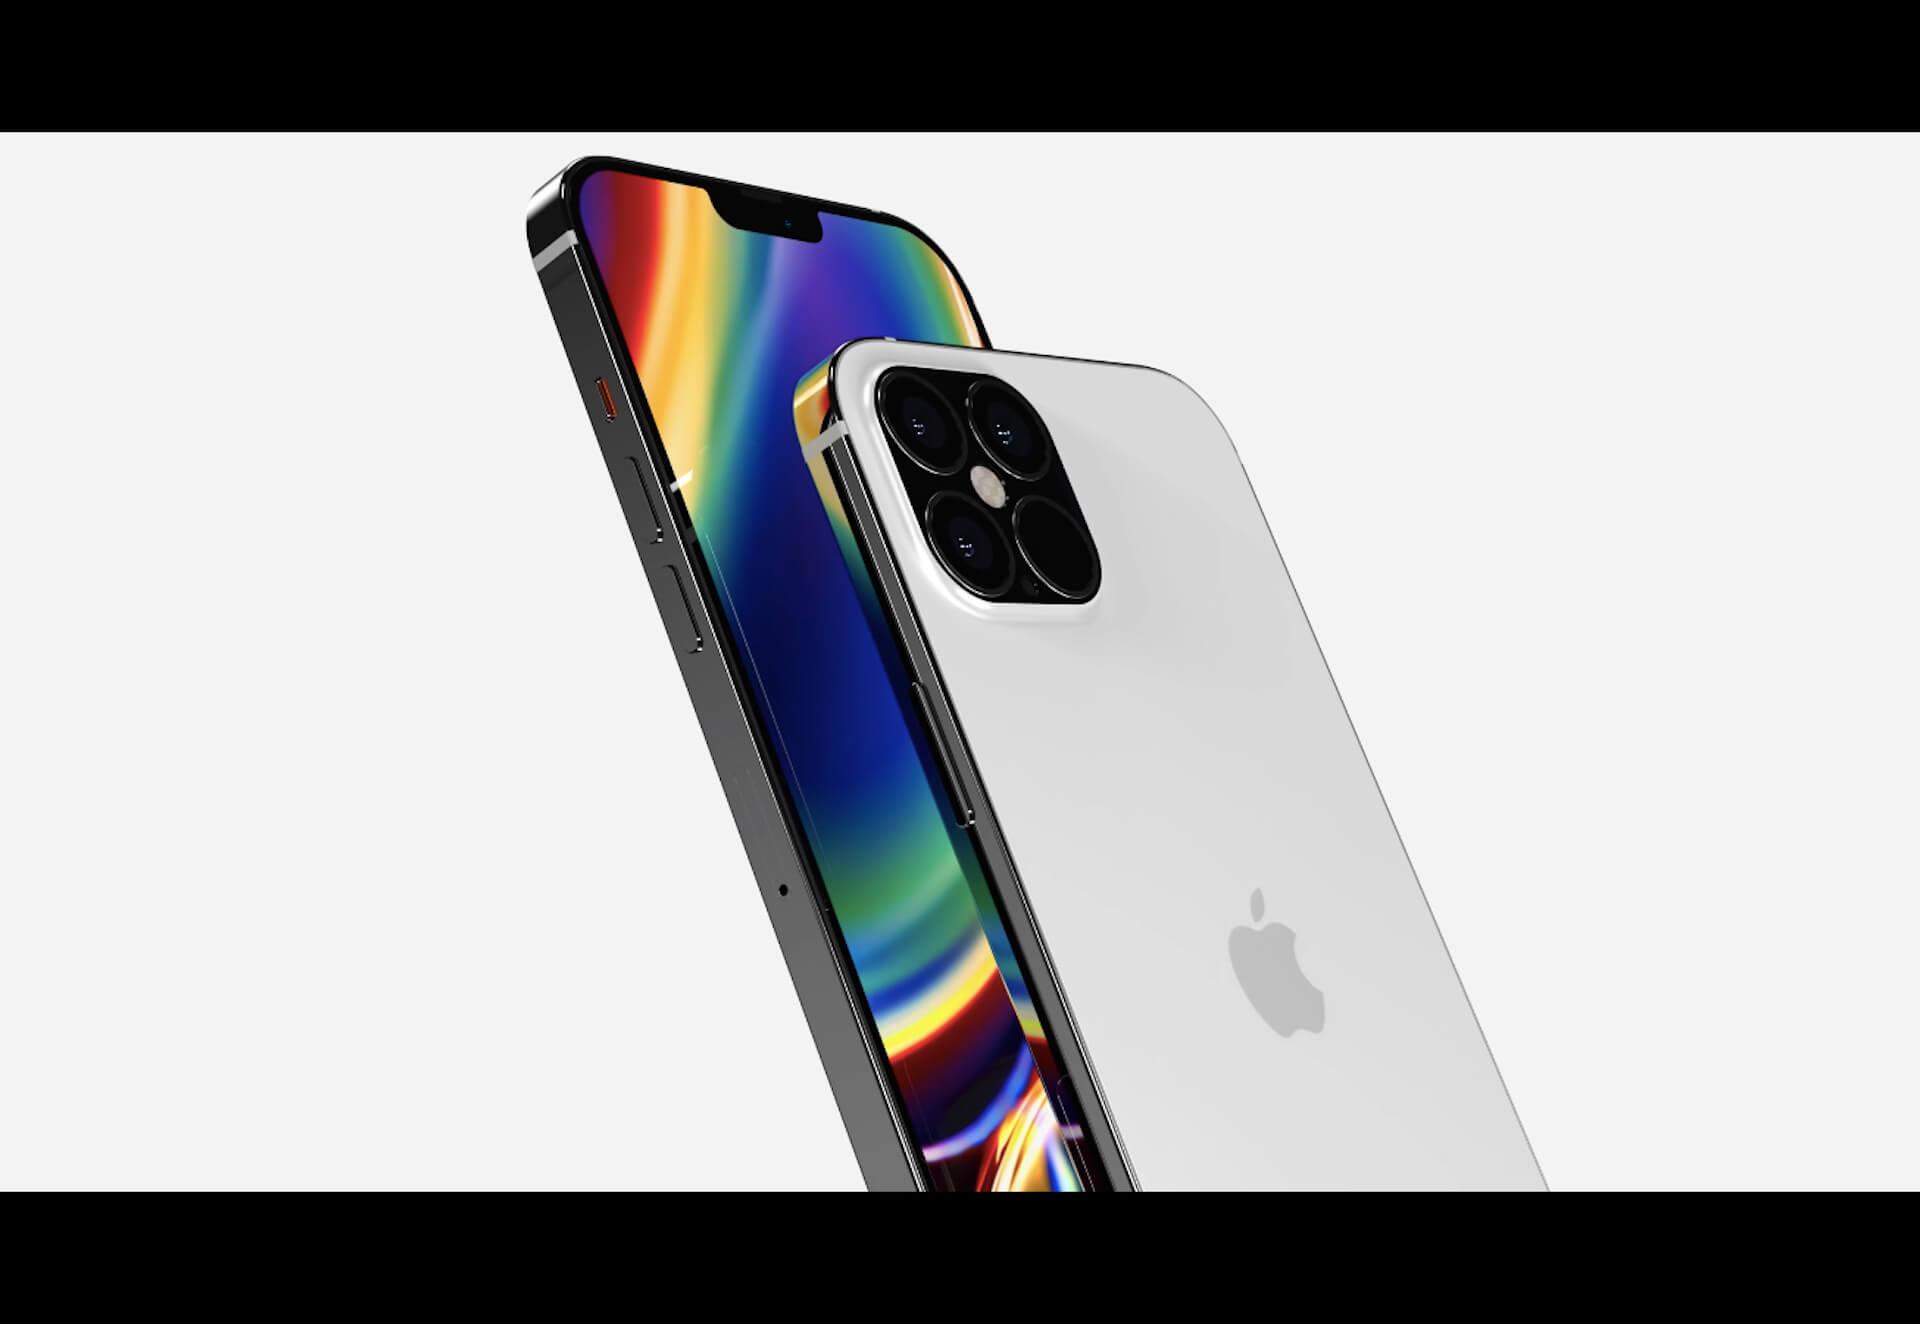 今年秋発表のiPhone 12はやはり120HzのProMotionディスプレイ搭載?iOS 14ベータ版のスクリーンショットが公開 tech200624_iphone12_main